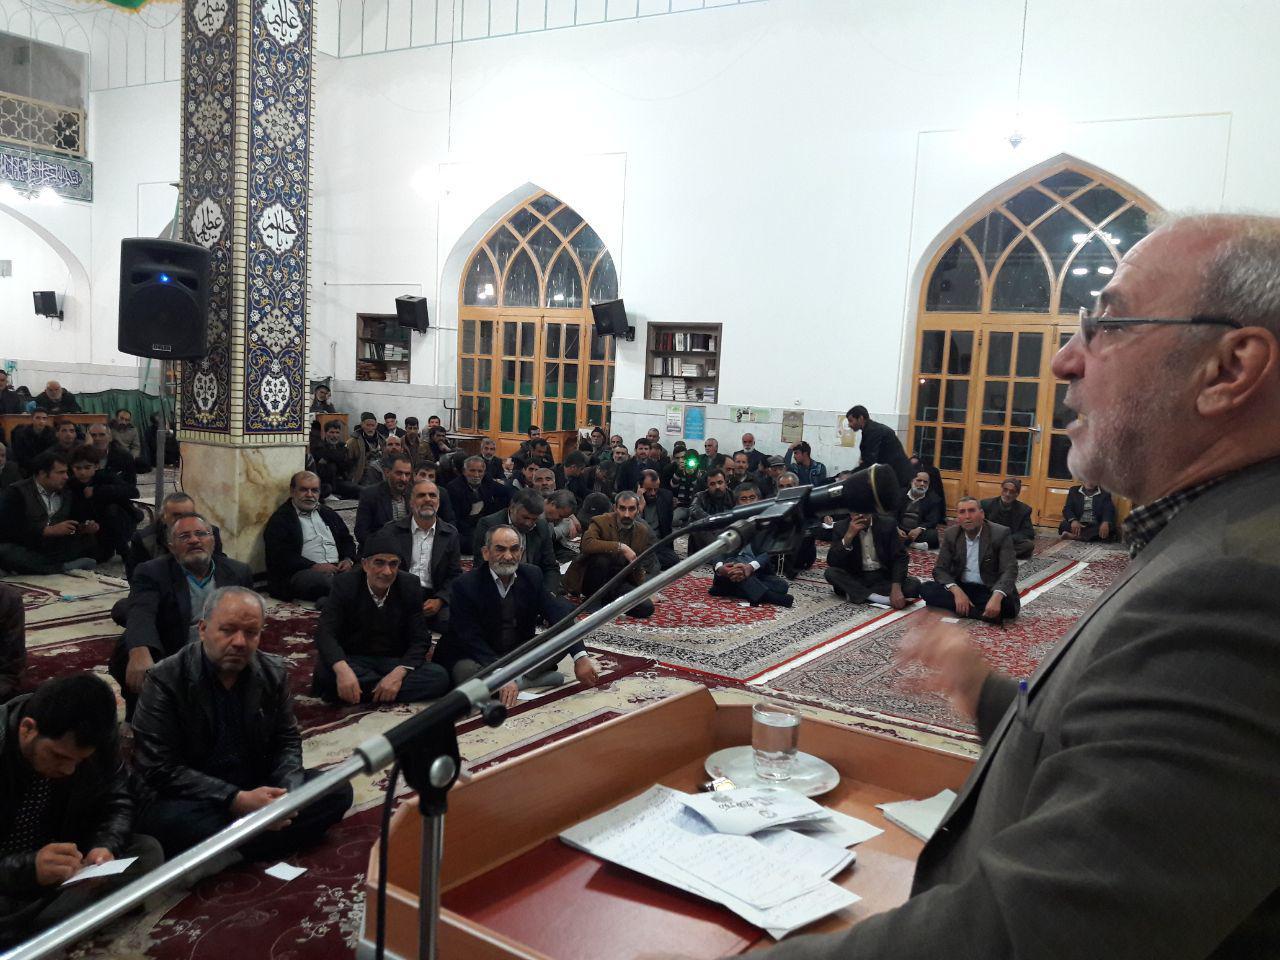 حاجی ؛ در جمع مردم شریف حبیب آباد وضعیت کنونی کشور و فتنه اخیر را تشریح کرد.